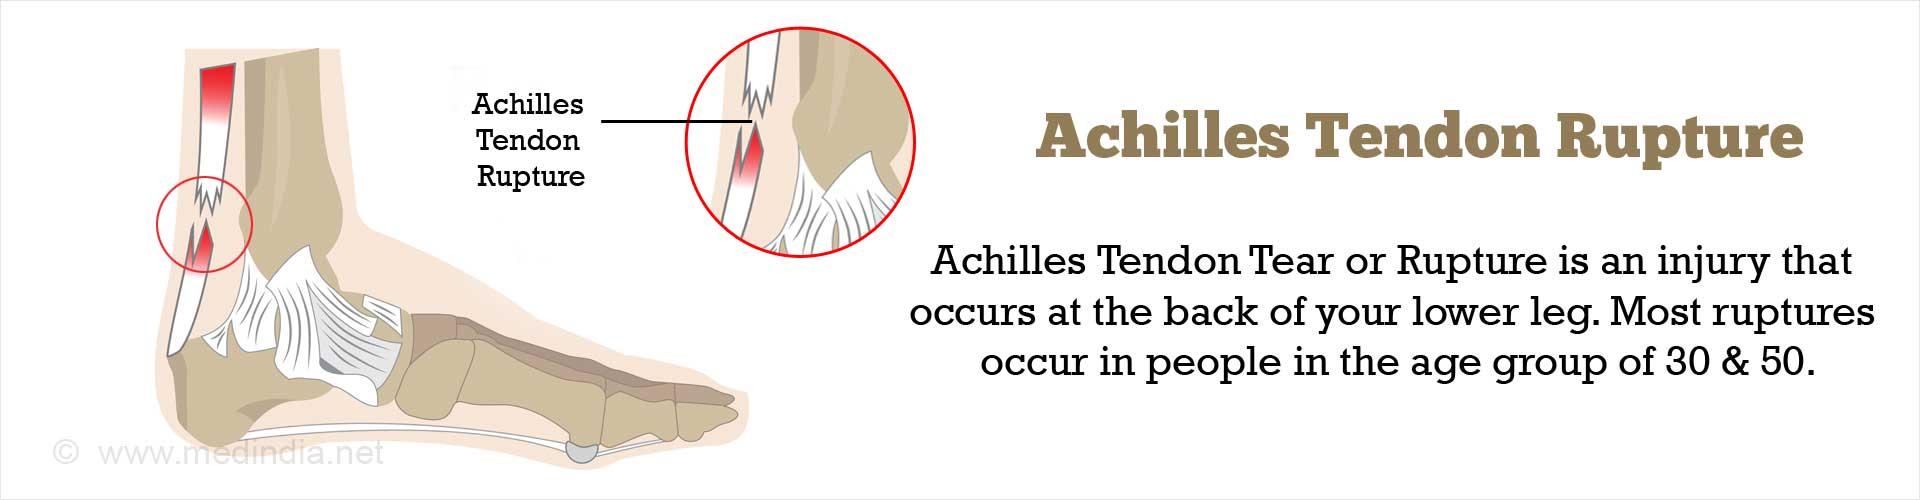 Achilles Tendon Rupture or Tear